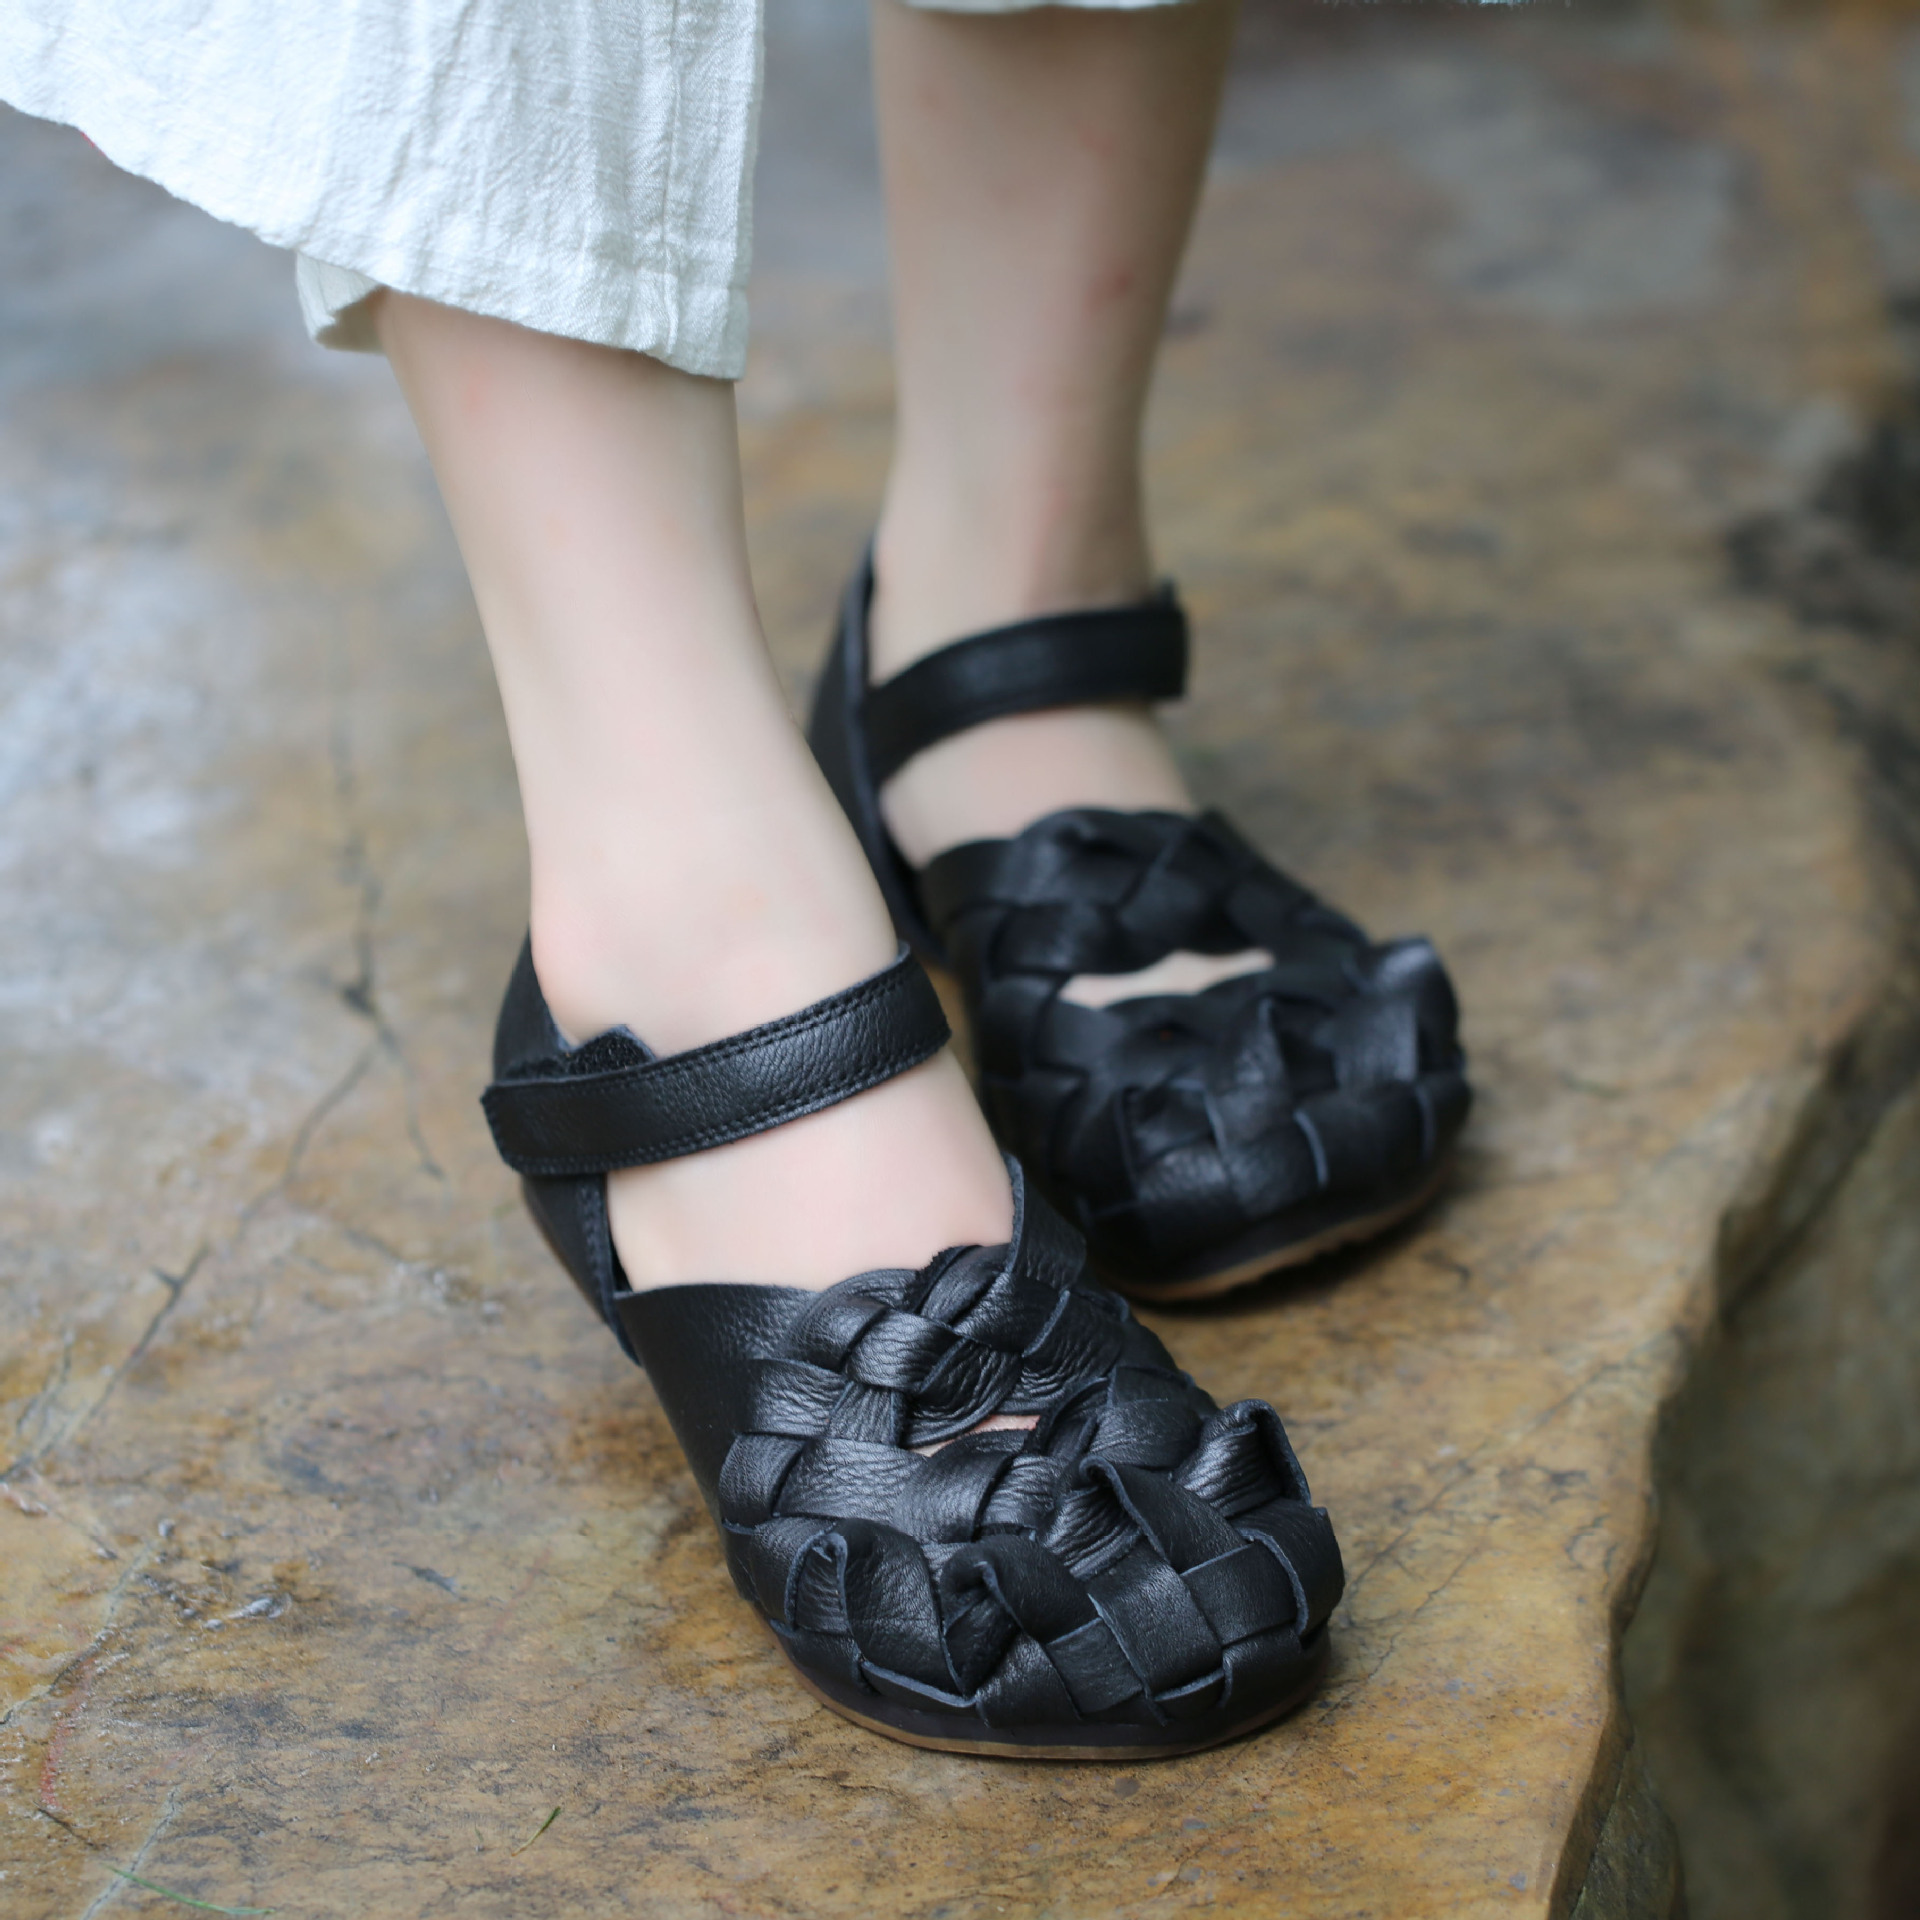 2019 frühjahr Neue Ankunft Frauen Leder Flache Schuhe Ankle Strap Handmade Weben Schuhe Abdeckung Zehen Vintage Damen Wohnungen-in Flache Damenschuhe aus Schuhe bei  Gruppe 1